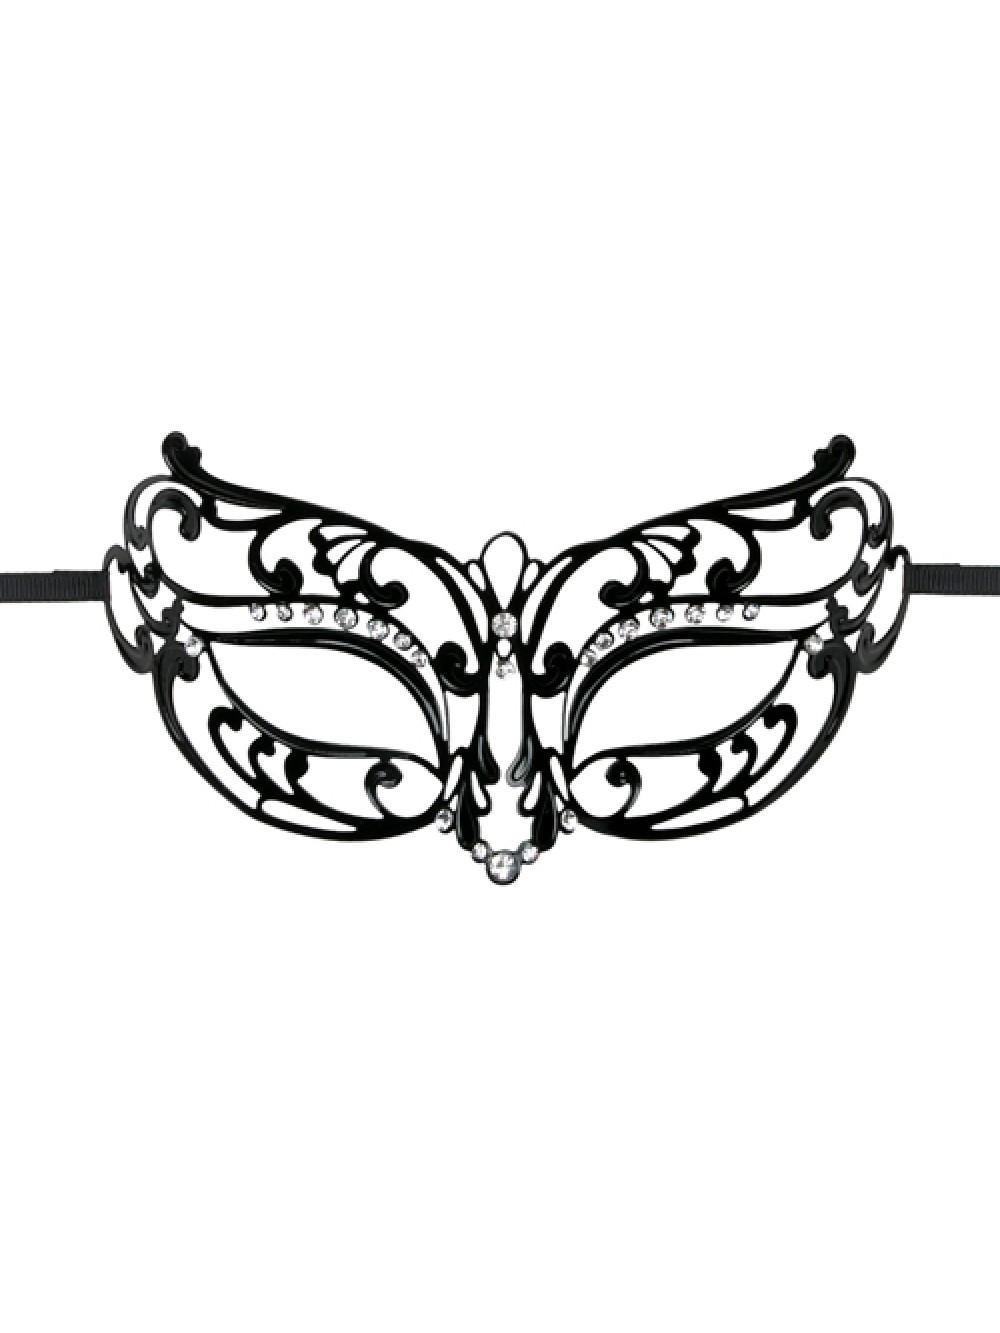 Metal Mask Black 8718627525463